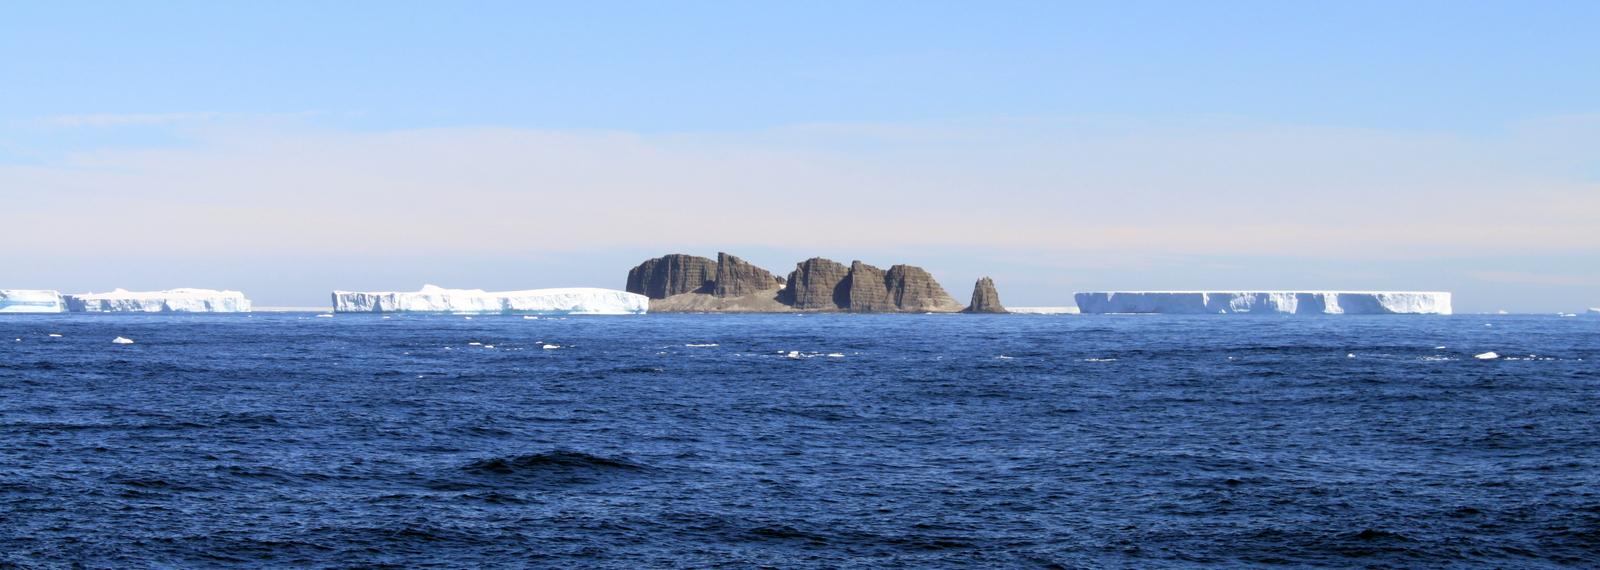 Antarctica, Danger Islands